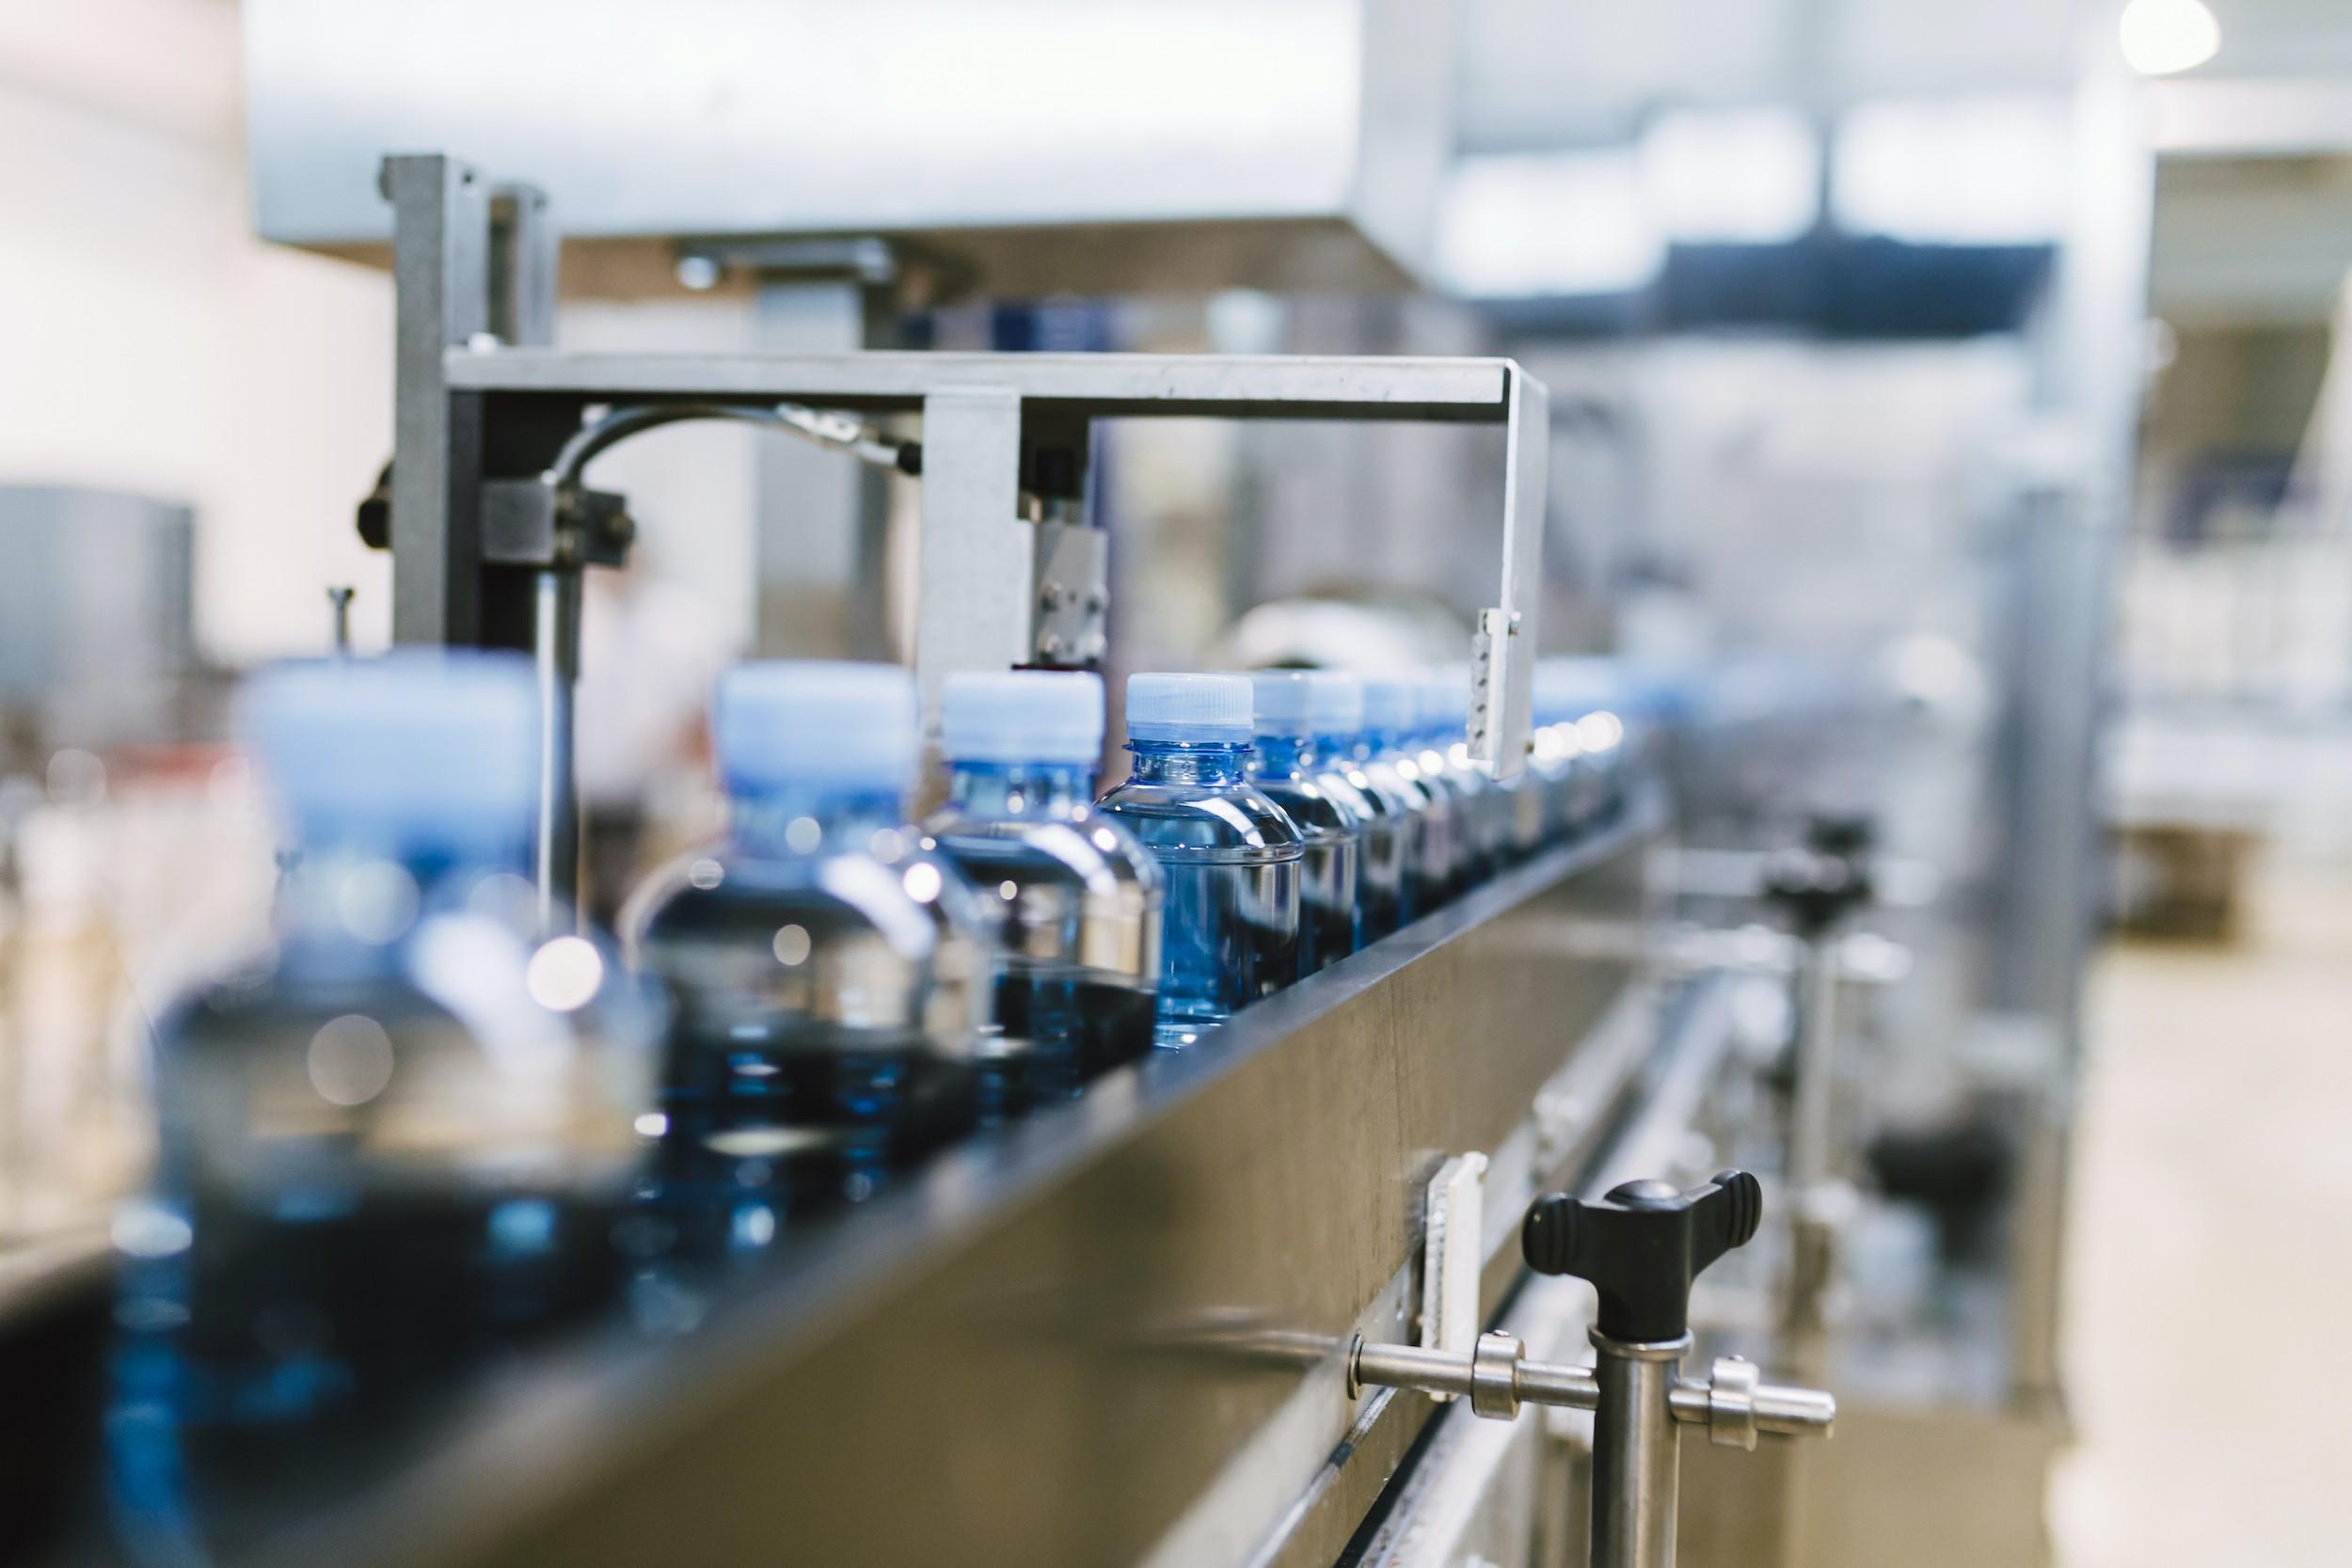 Production capacity of the company | Training